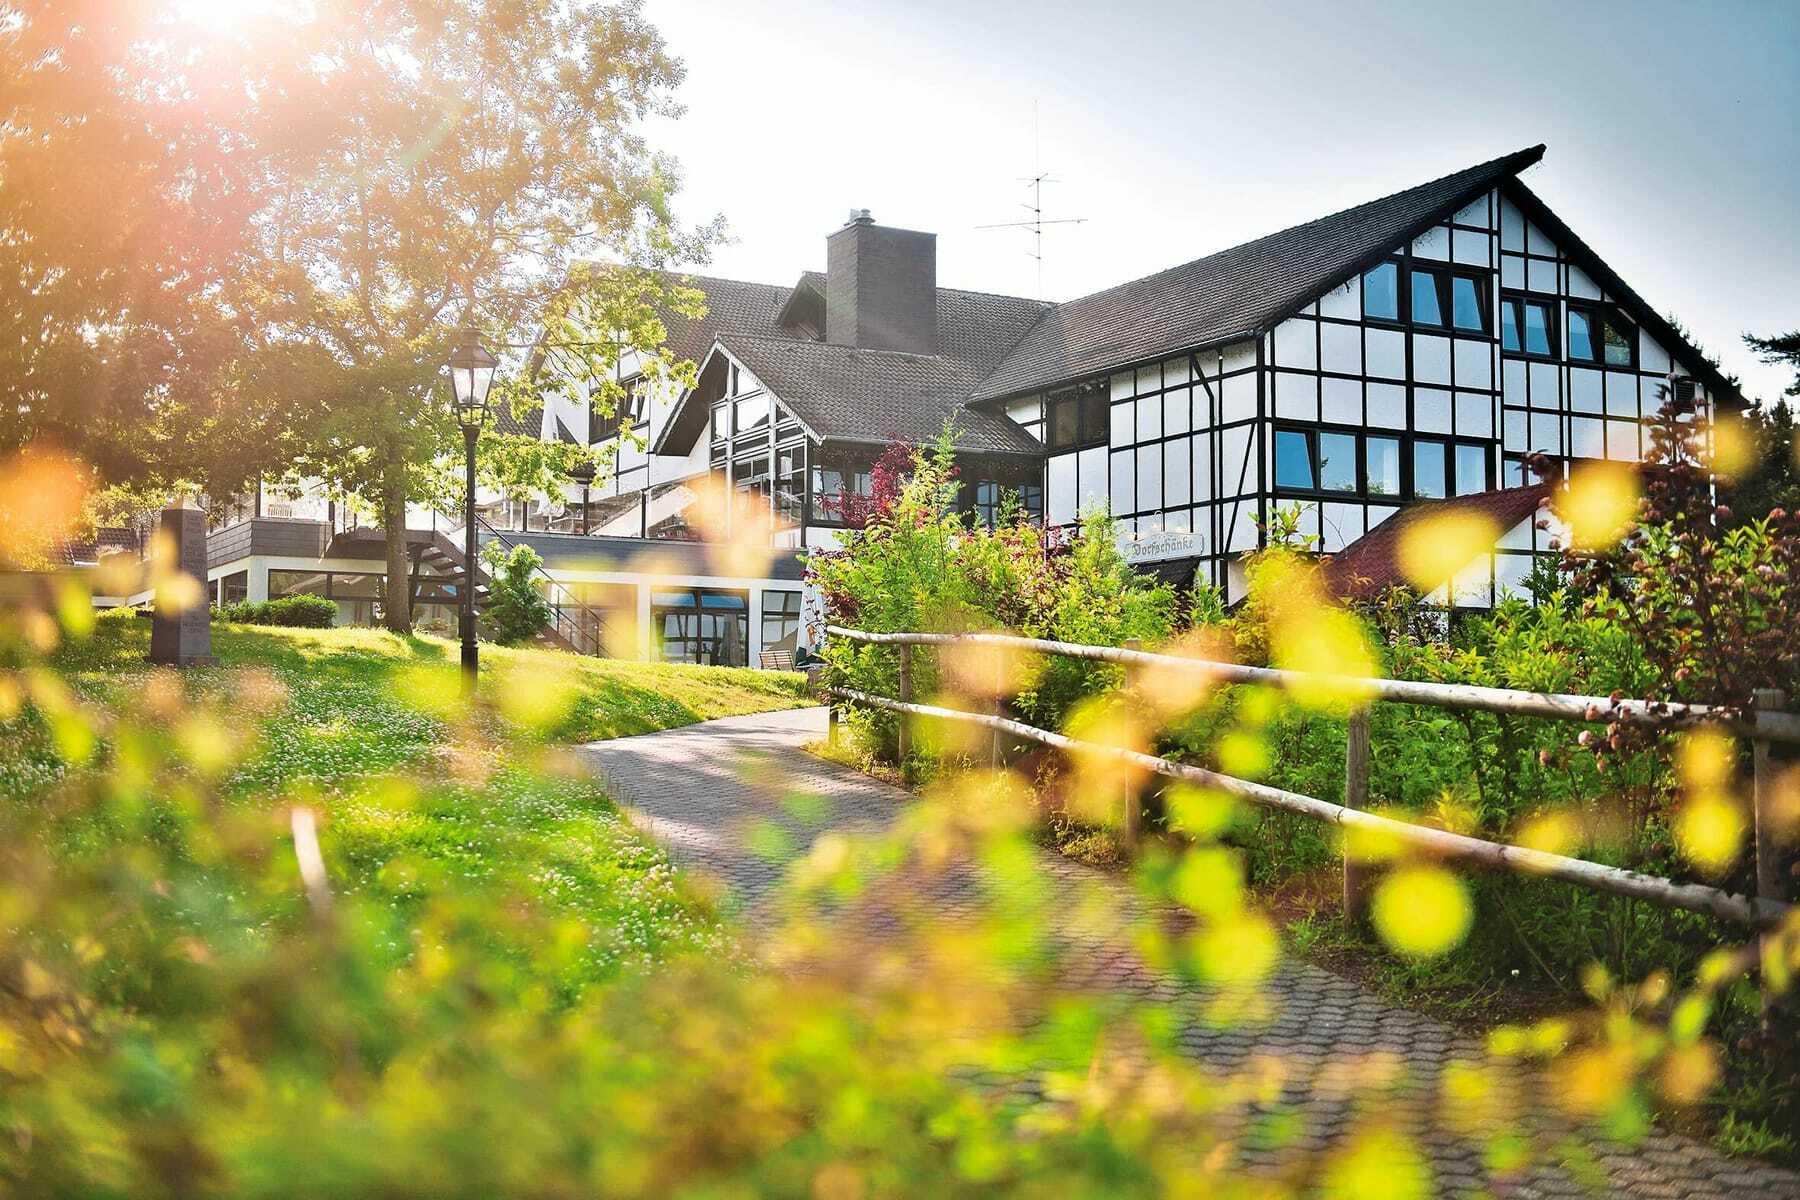 Blick entland eines Weges auf das Haus_Sporthotel_Grafenwald_Baiersbronn